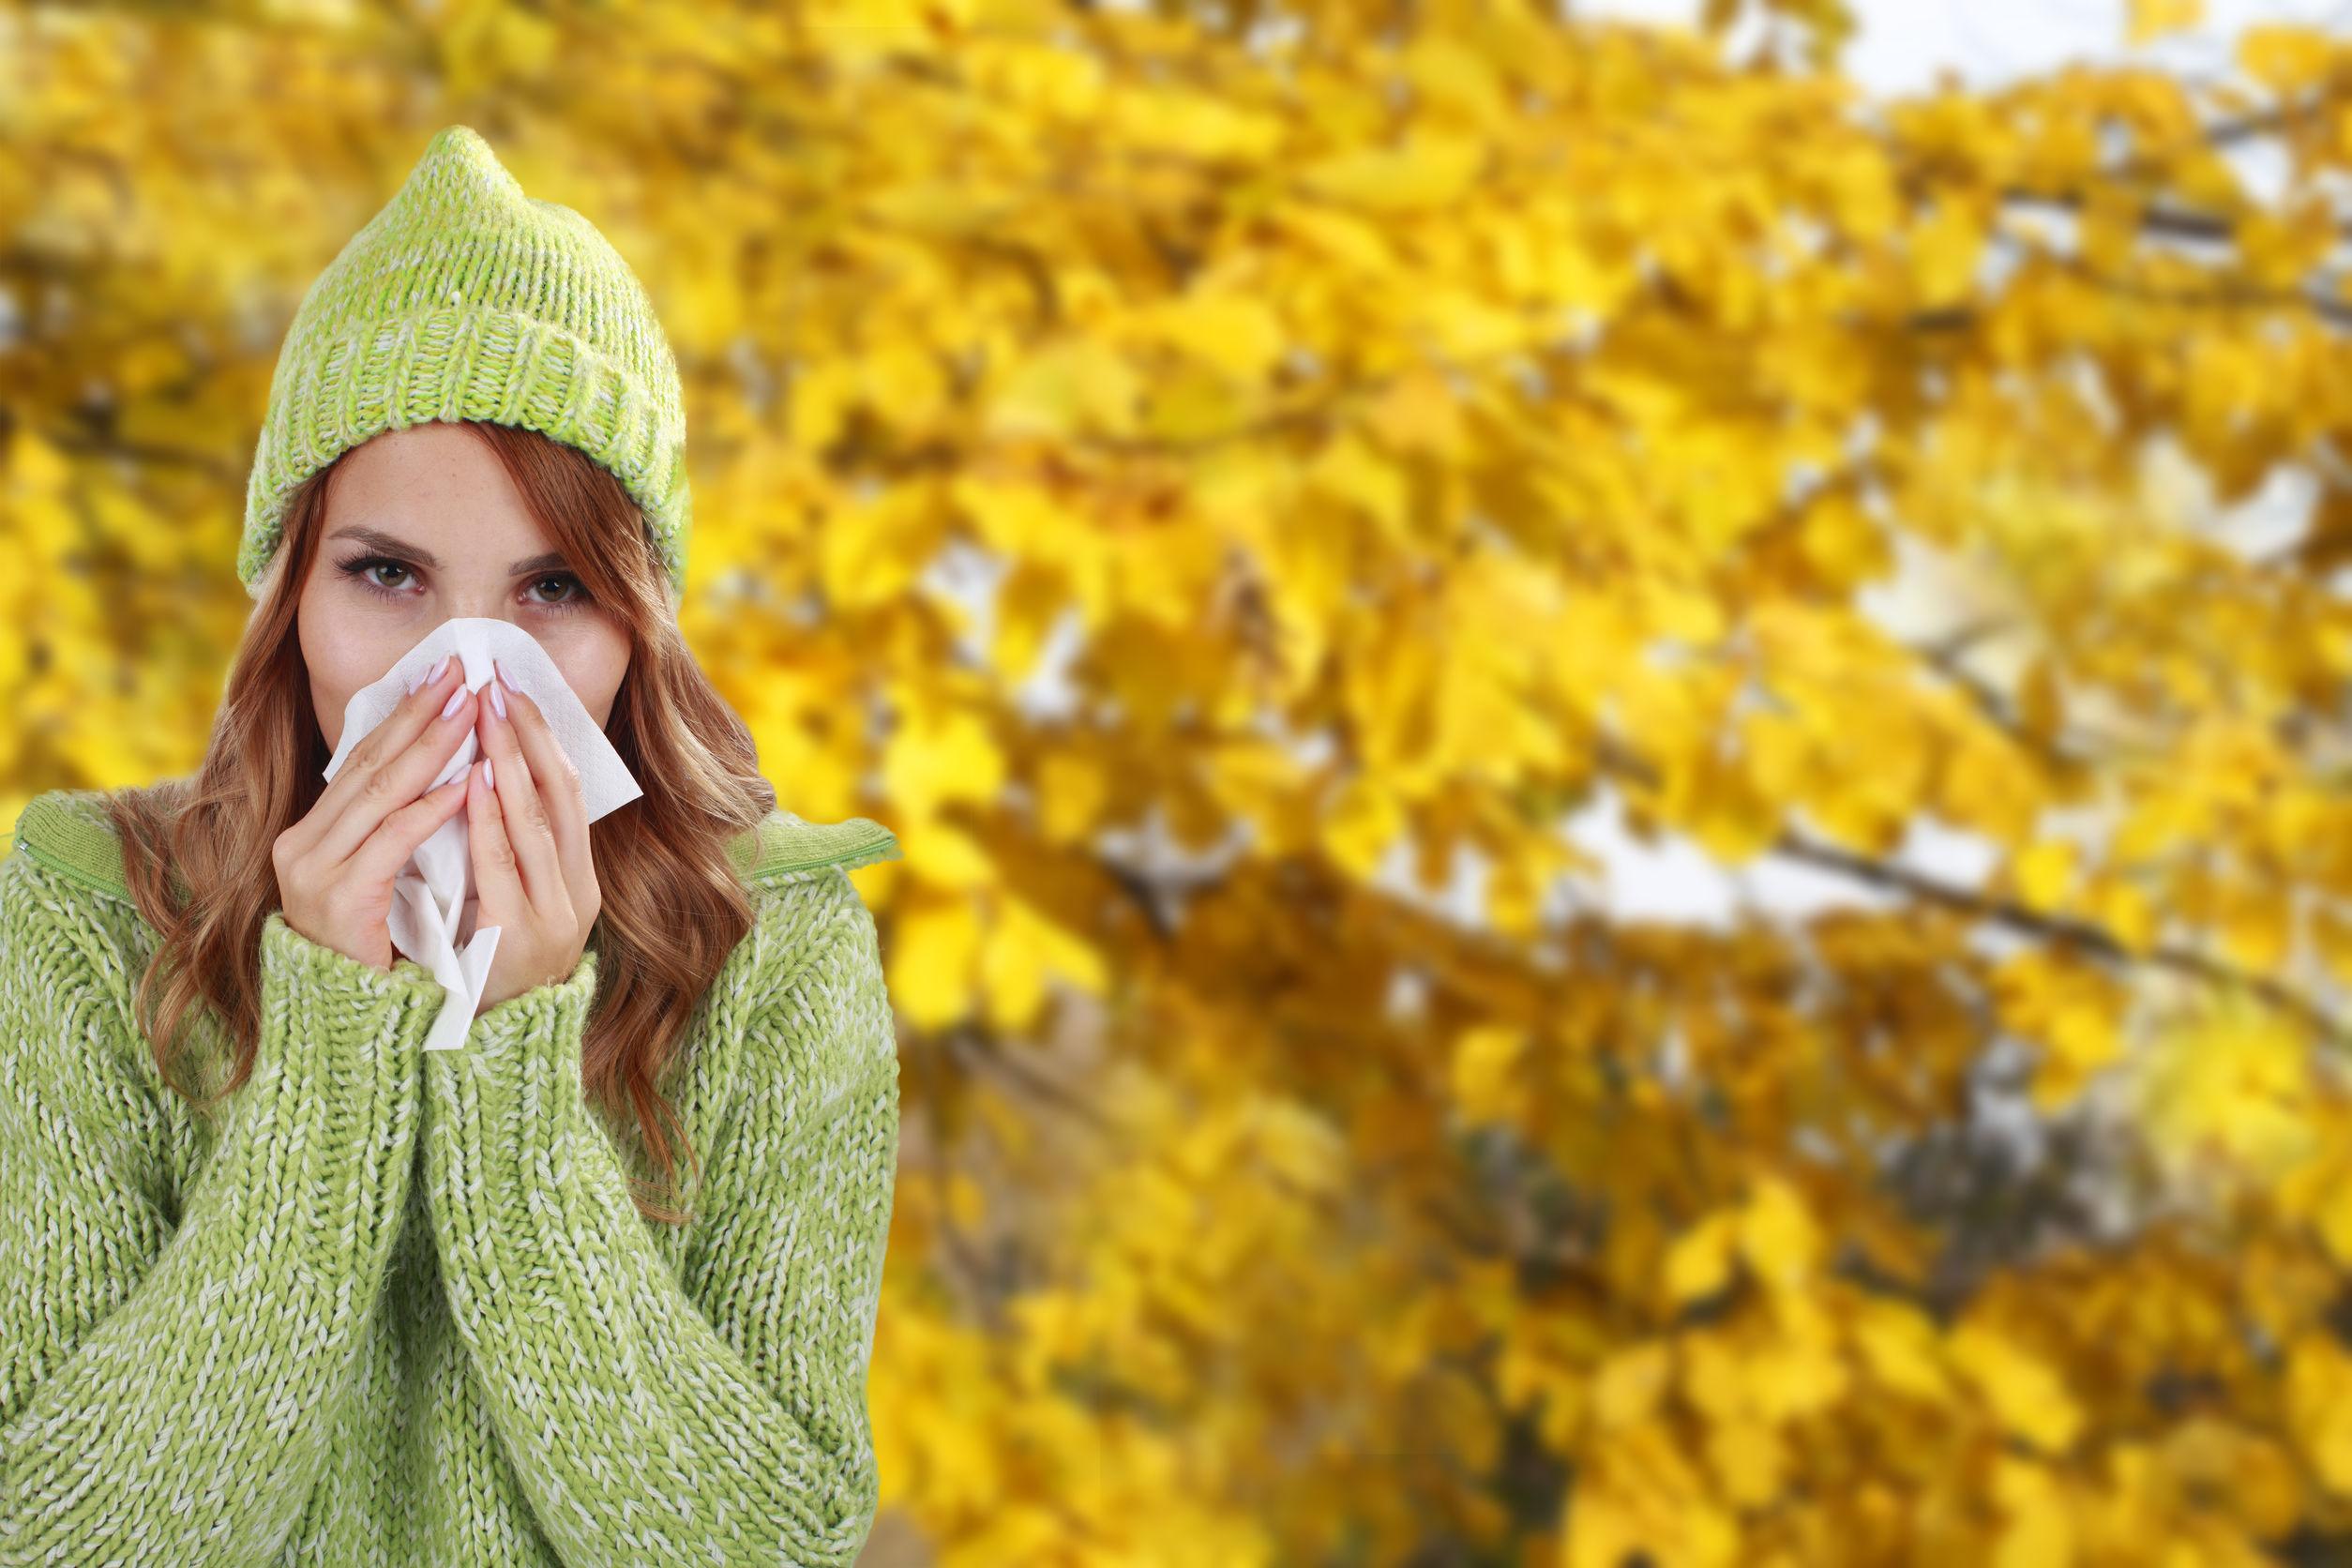 Așa îți întărești sistemul imunitar pentru sezonul rece. Nu vei răci deloc și nu vei resimți astenia de toamnă